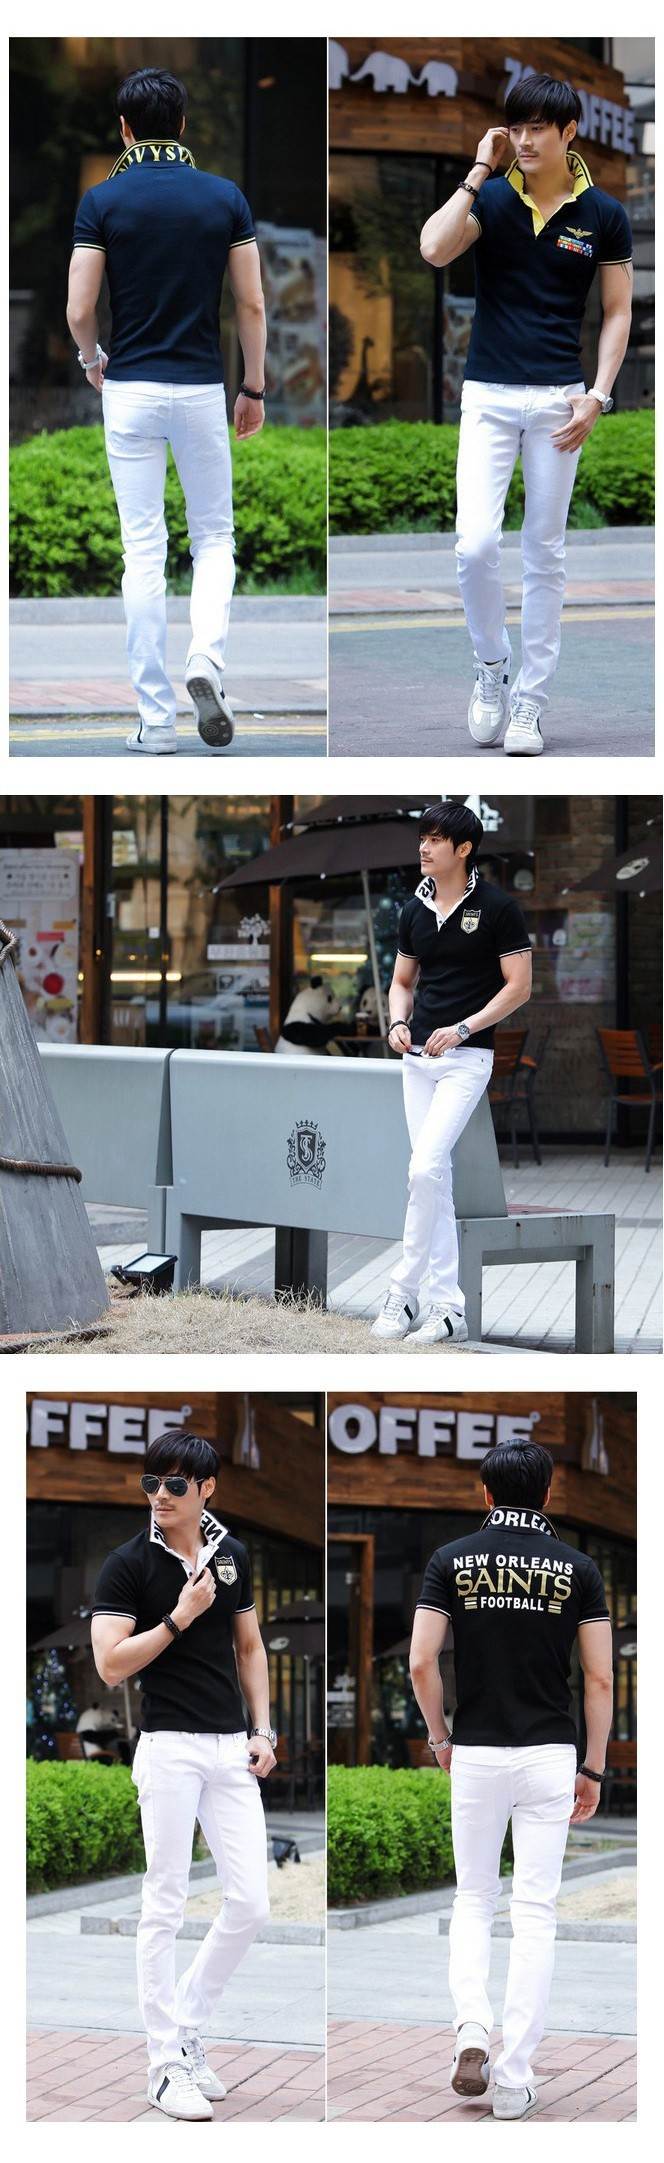 Скидки на Новый Белый Рваные Джинсы Мужчины С Отверстиями Супер Тощий Известный Дизайнер марка Slim Fit Разрушенные Torn Жан Брюки Для Мужчин AY991 Z15